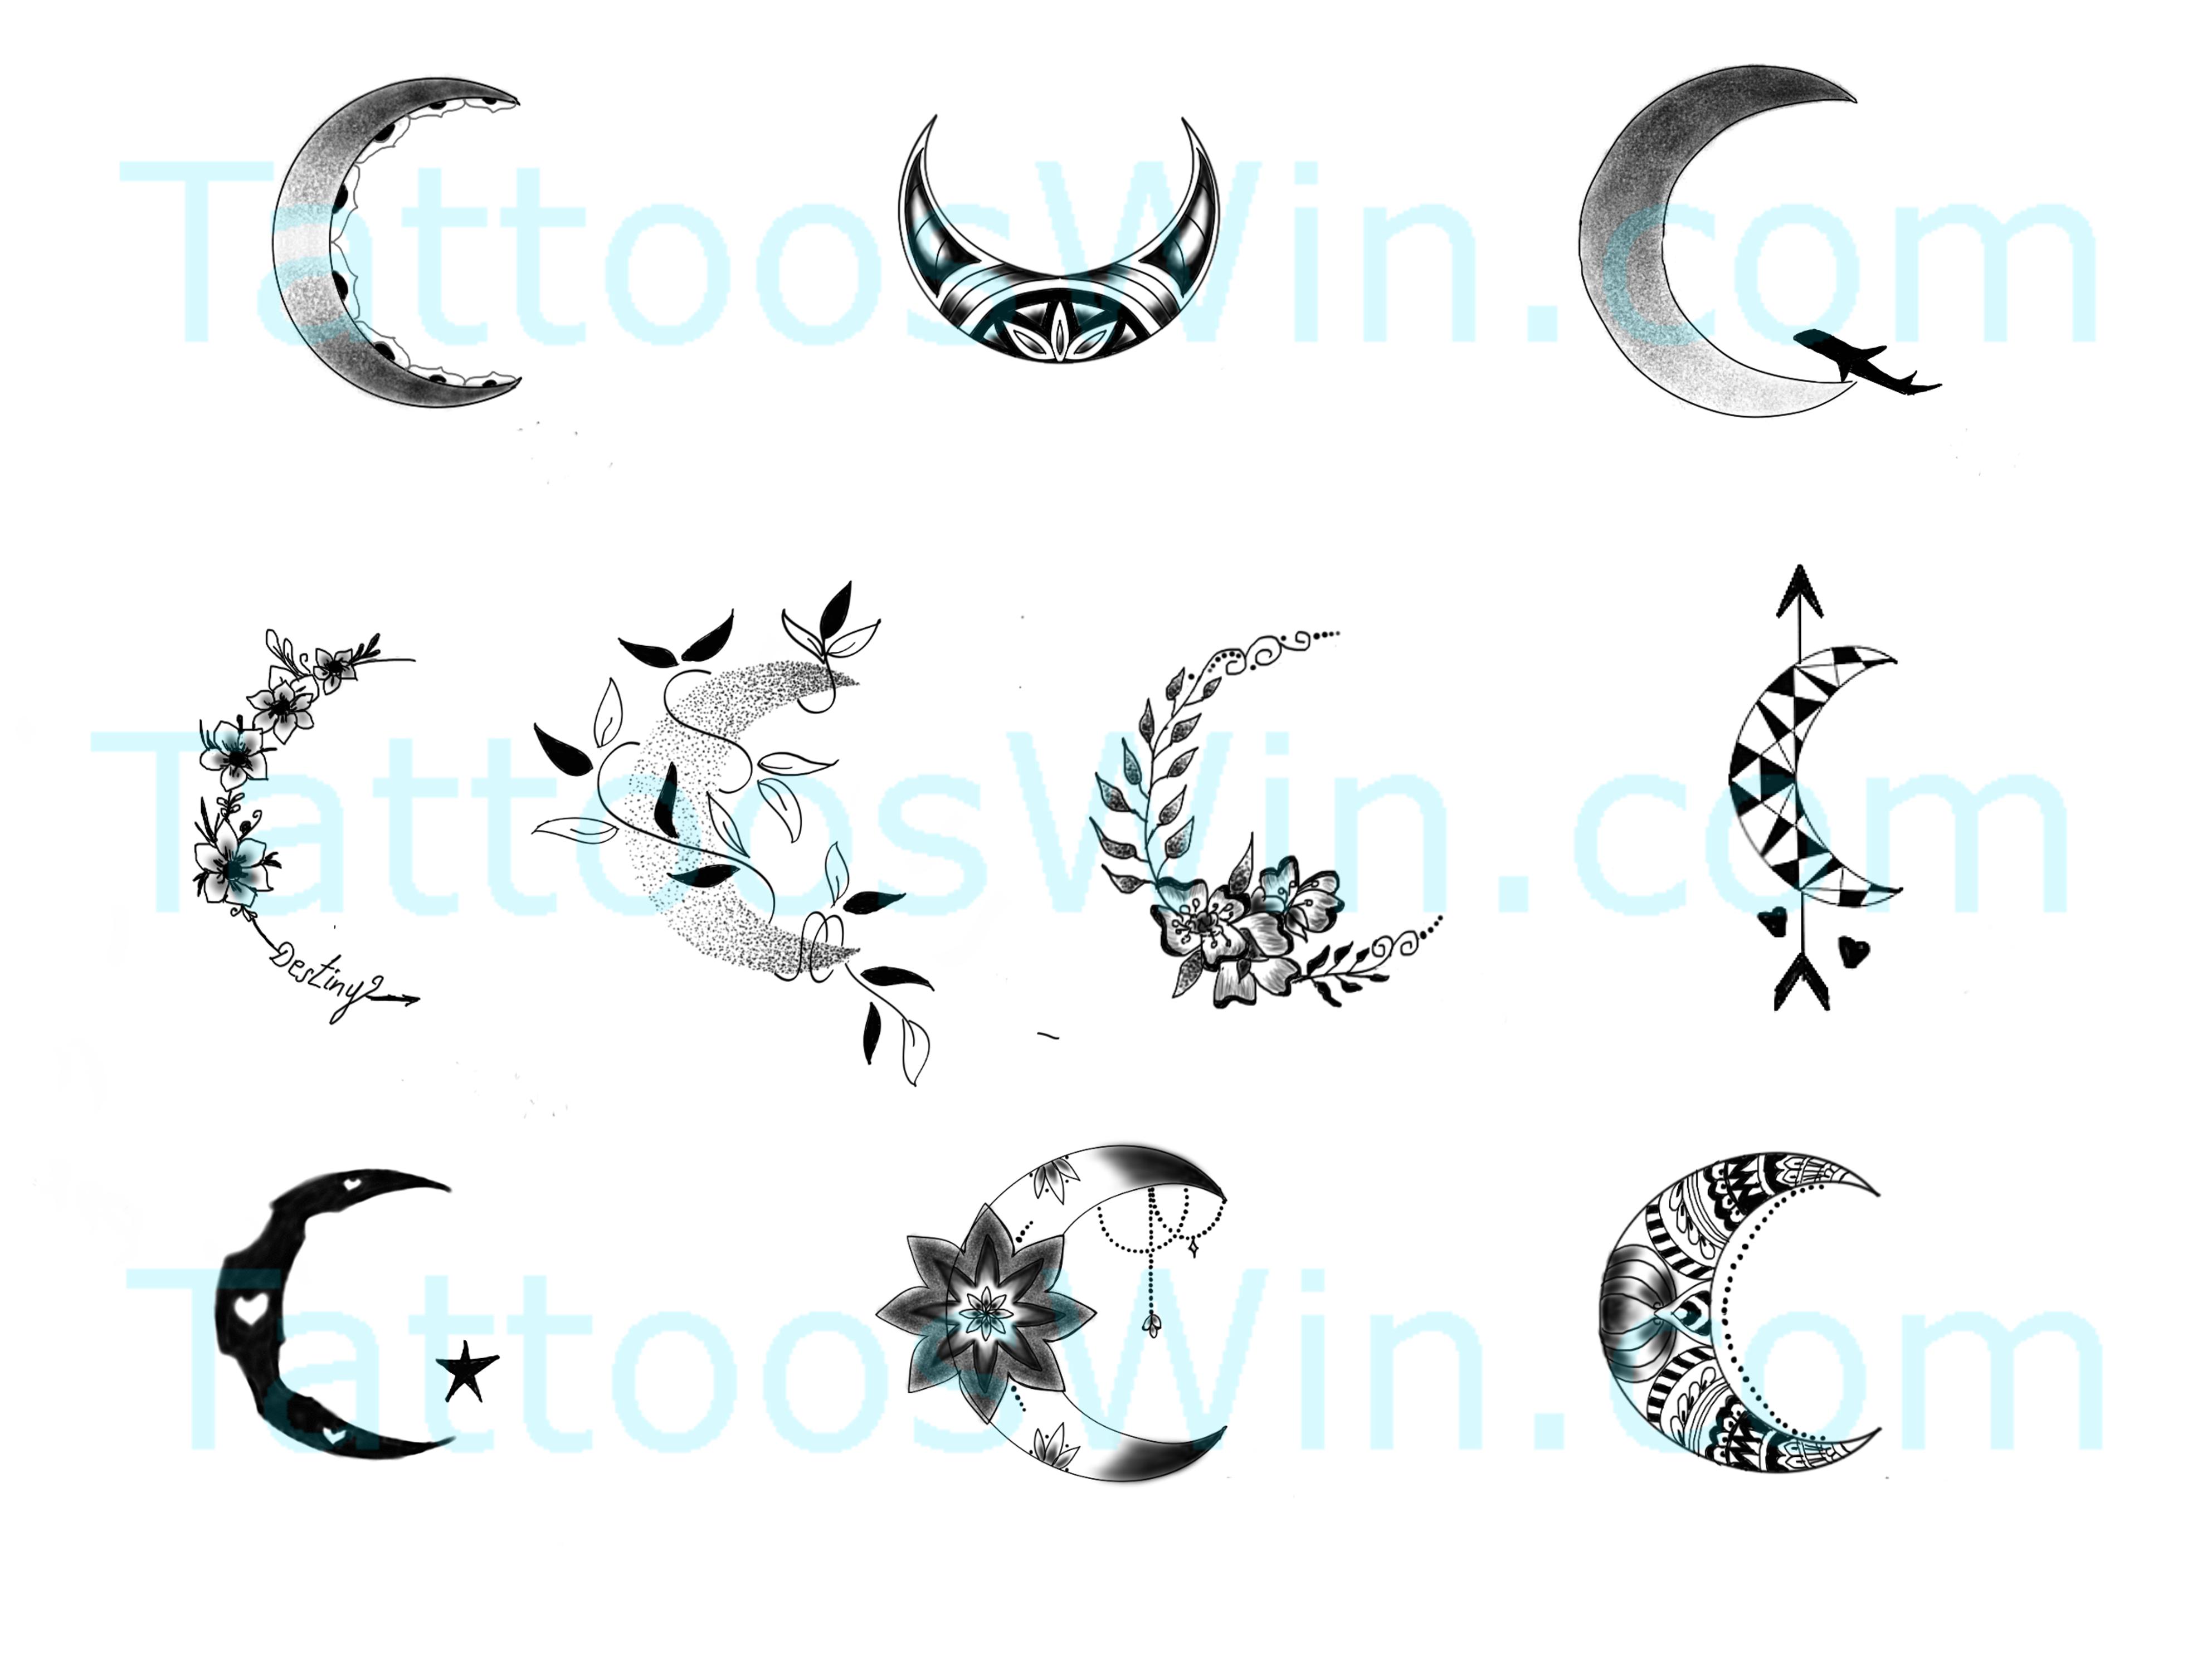 Crescent Moon Tattoo Designs Tattooswin Moon Tattoo Designs Crescent Moon Tattoo Moon Tattoo